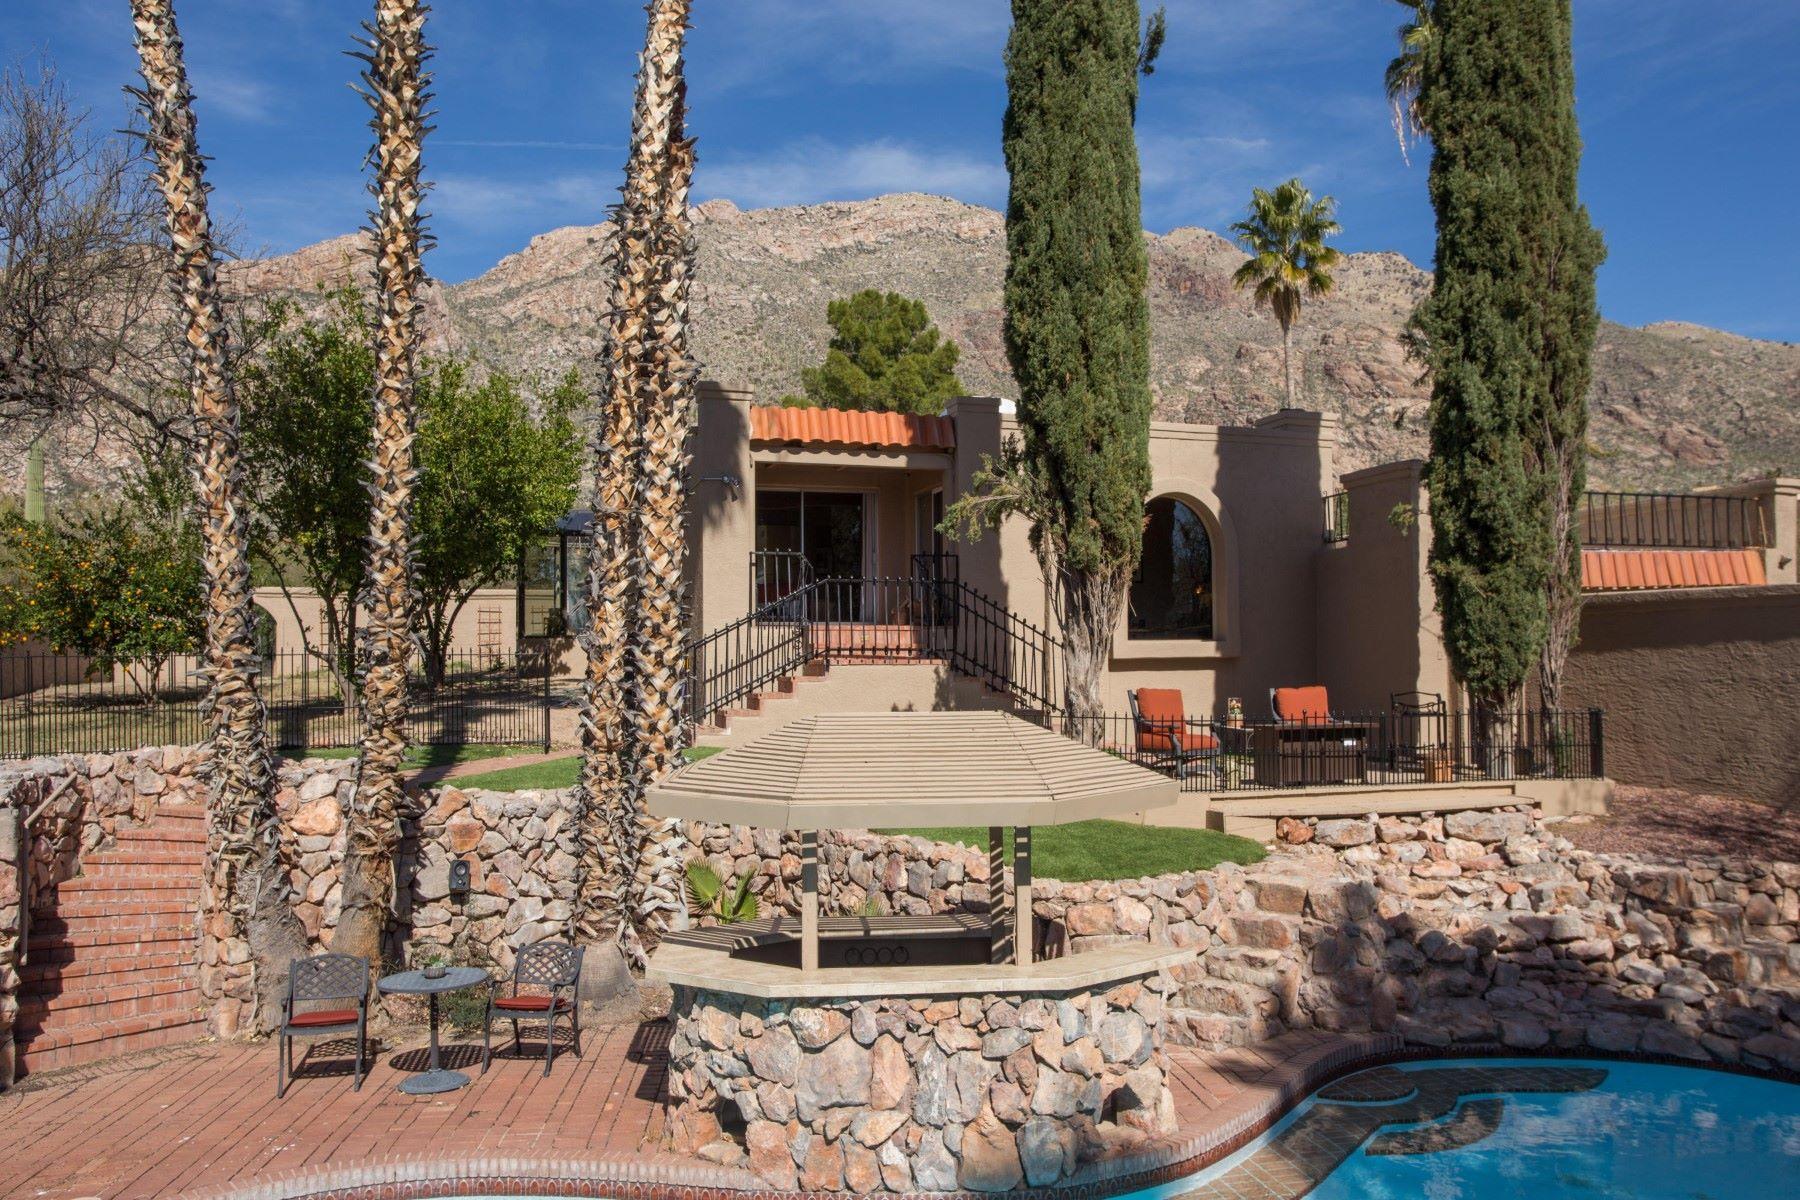 独户住宅 为 销售 在 Charming Mediterranean style home with resort pool area 6715 N Mamaronick Drive 图森, 亚利桑那州, 85718 美国